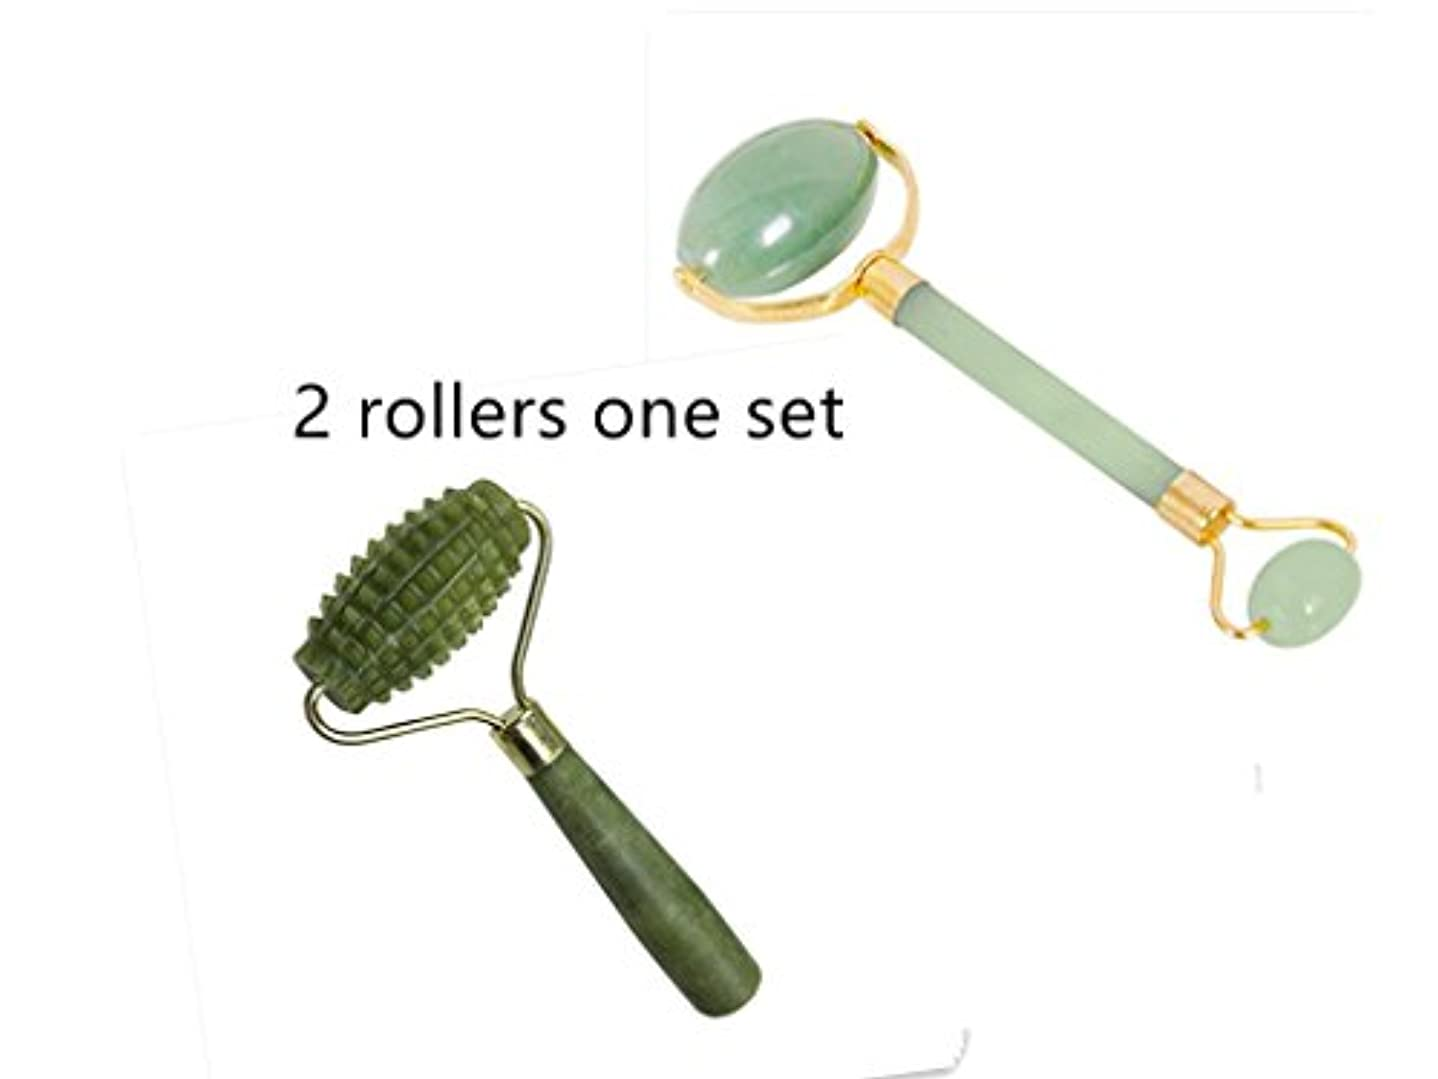 痴漢バングラデシュ明らかにするEcho & Kern 2点翡翠フェイスマッサジギザギザ付きでローラー 2pcs one set Double head Jade Roller and one single head Jade roller